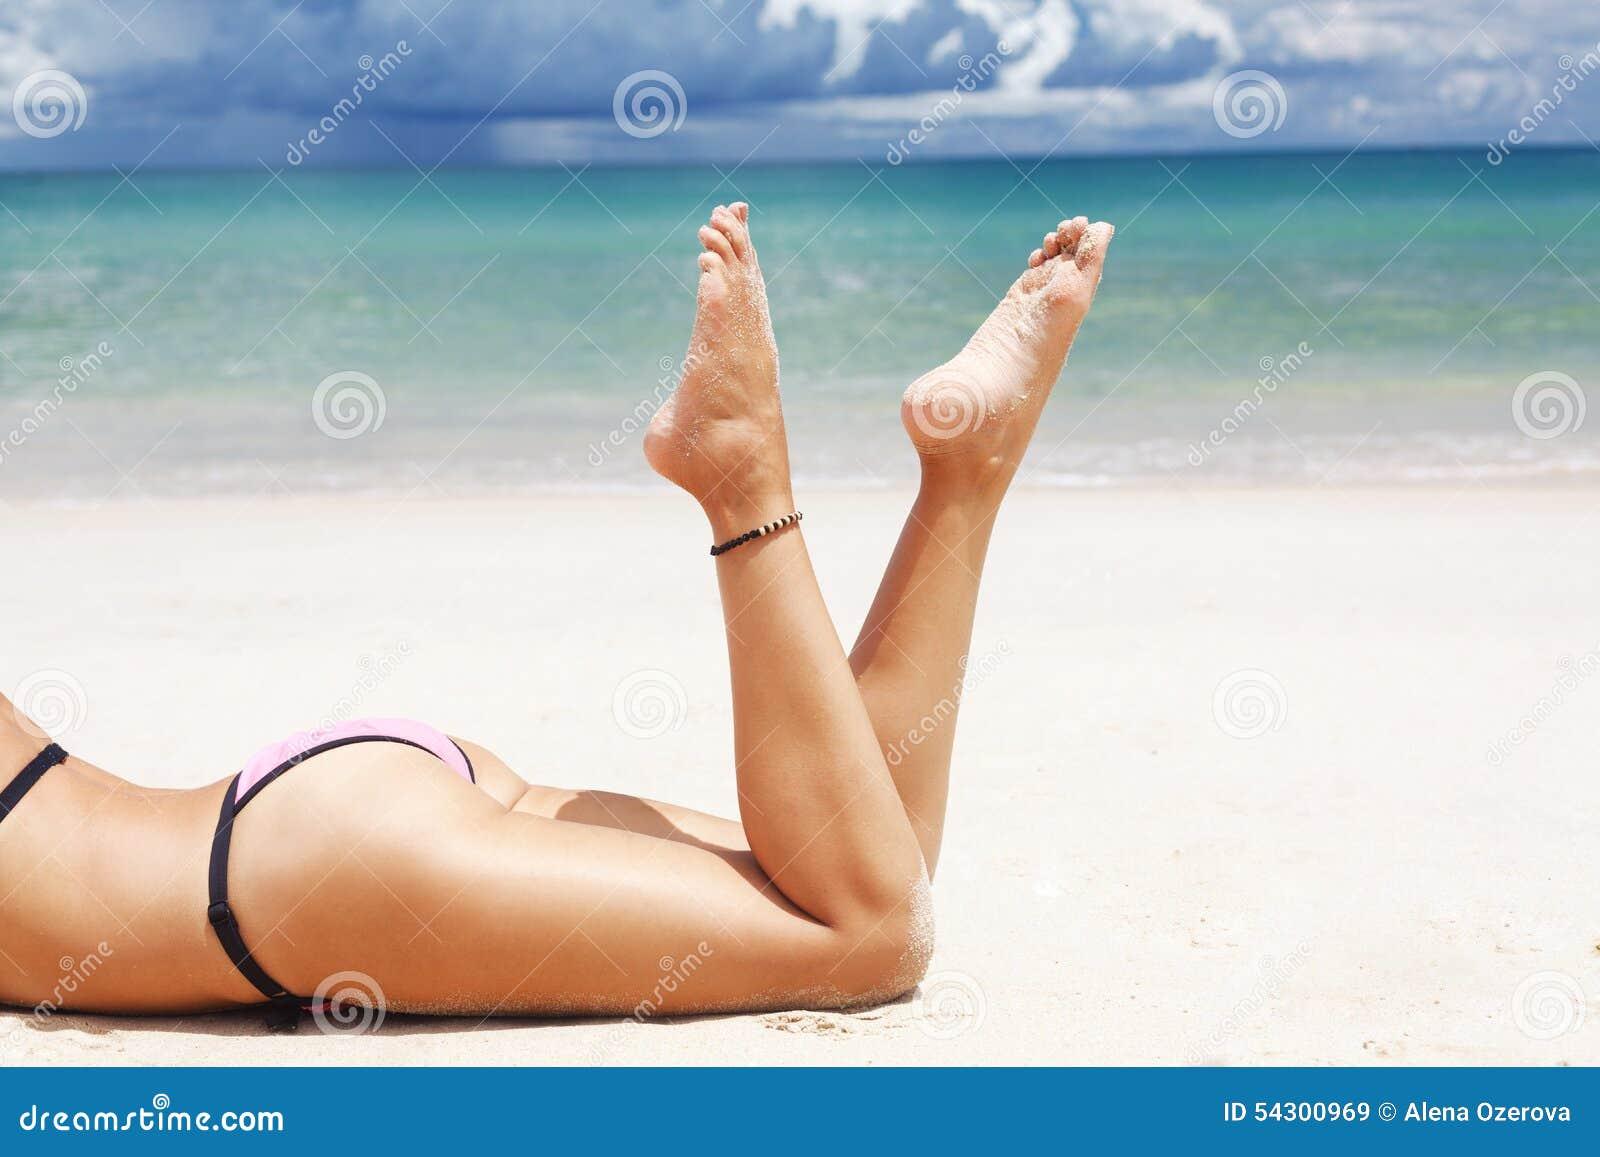 Красивые ноги на пляжу — 2